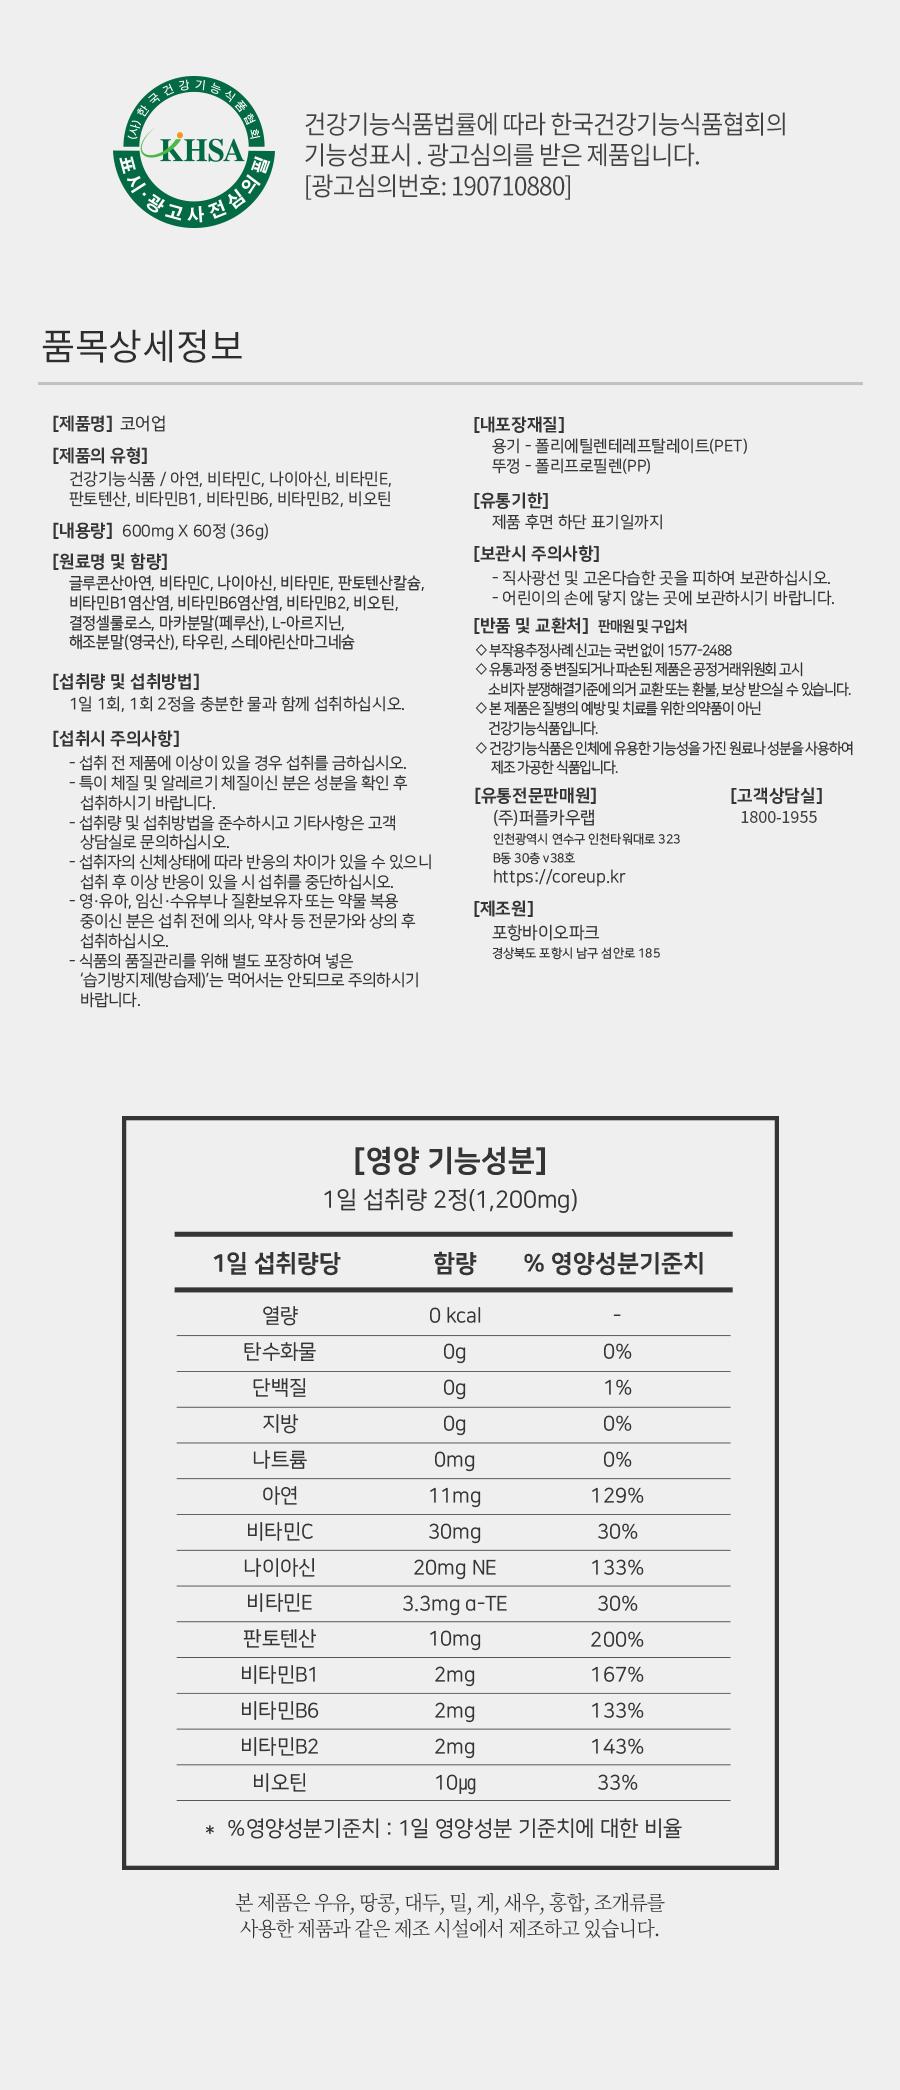 코어업 상품 상세정보-20190919.jpg